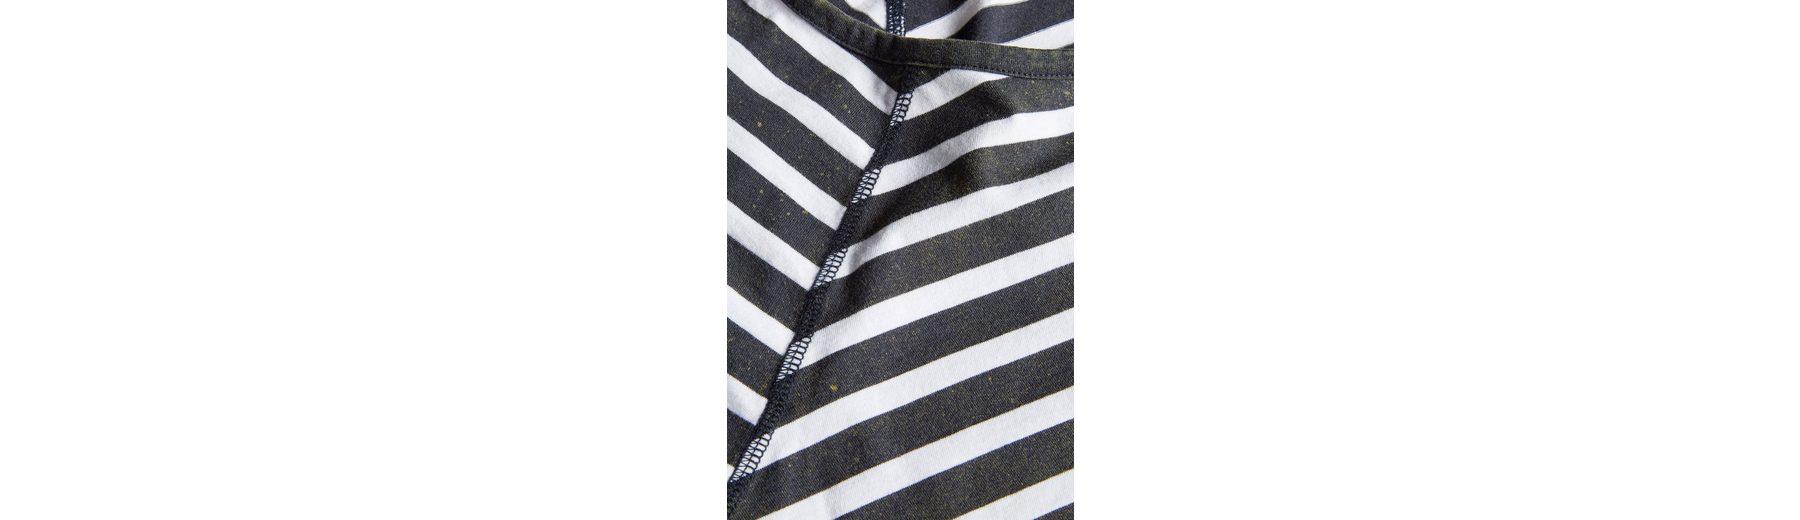 Günstig Kaufen Fabrikverkauf Next Gestreiftes Shirt im Washed-Look Angebote Günstig Online awHpNfL